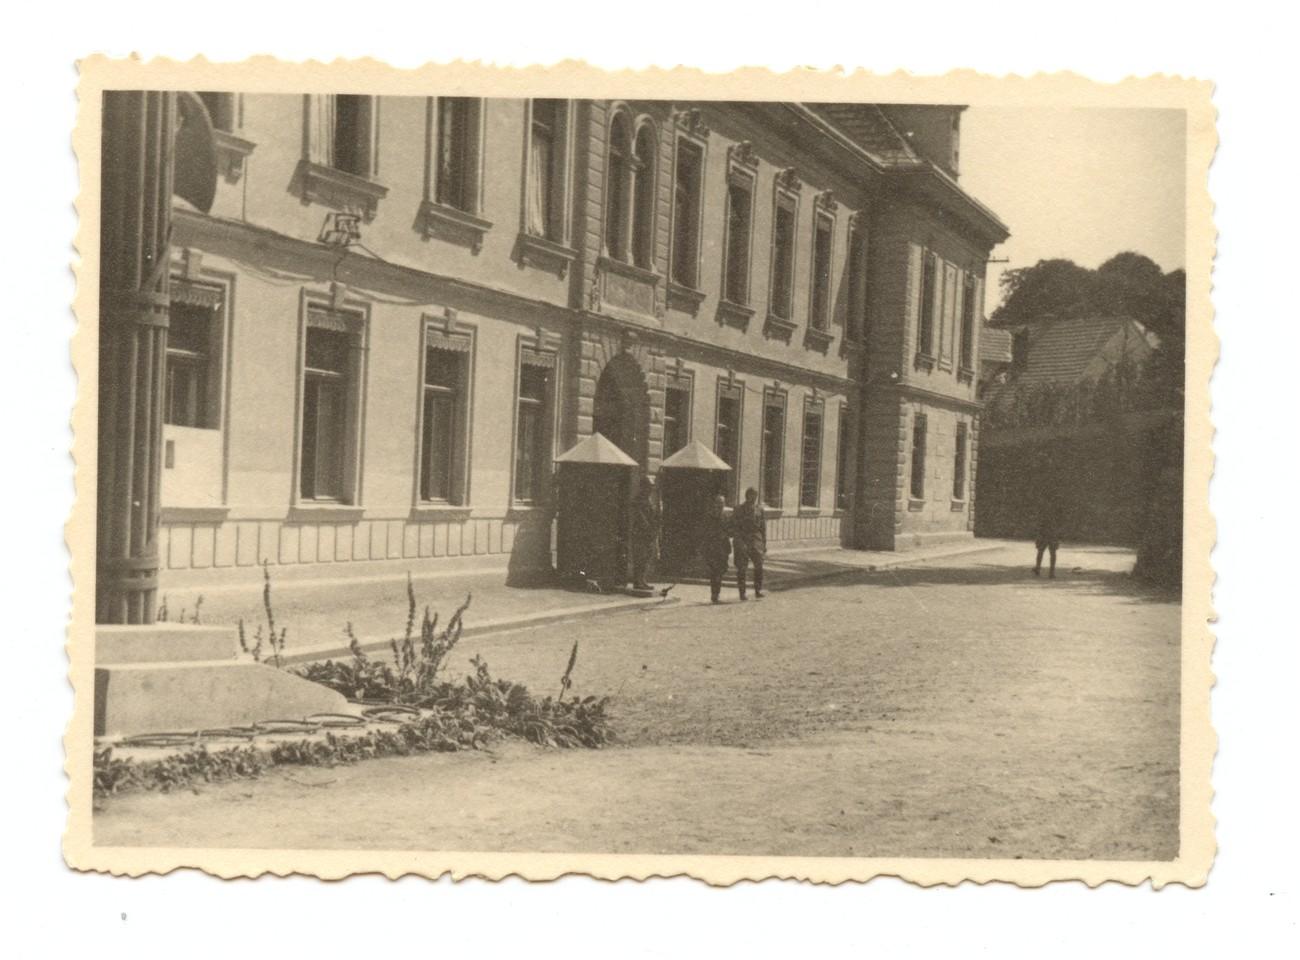 Sedež divizije Isonzo v novomeškem sodišču. Dolenjski muzej Novo mesto.